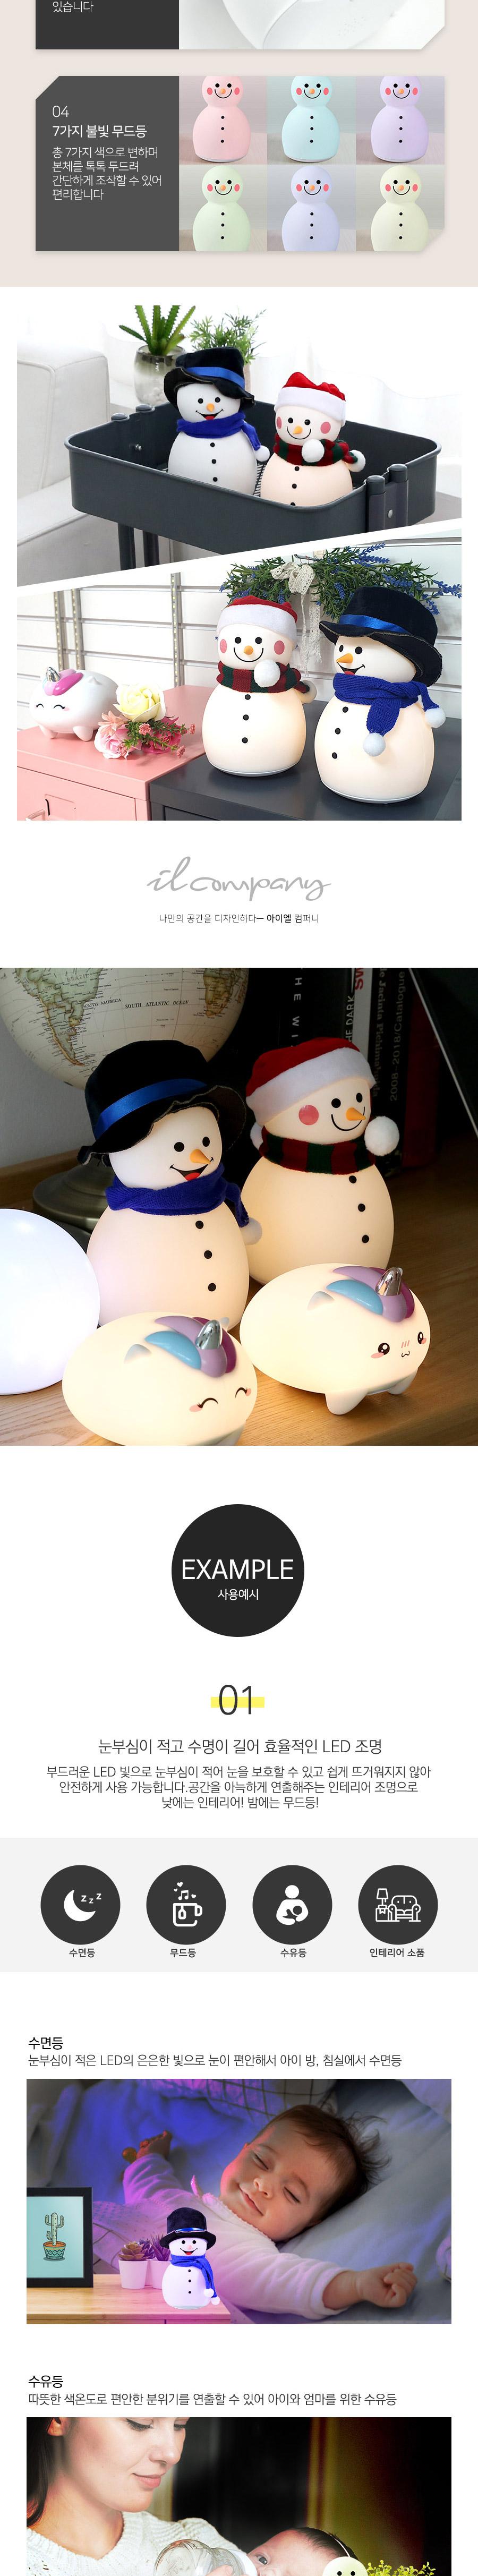 실리콘 눈사람 충전식 LED 무드등 - 아이엘, 18,830원, 디자인조명, 캐릭터조명